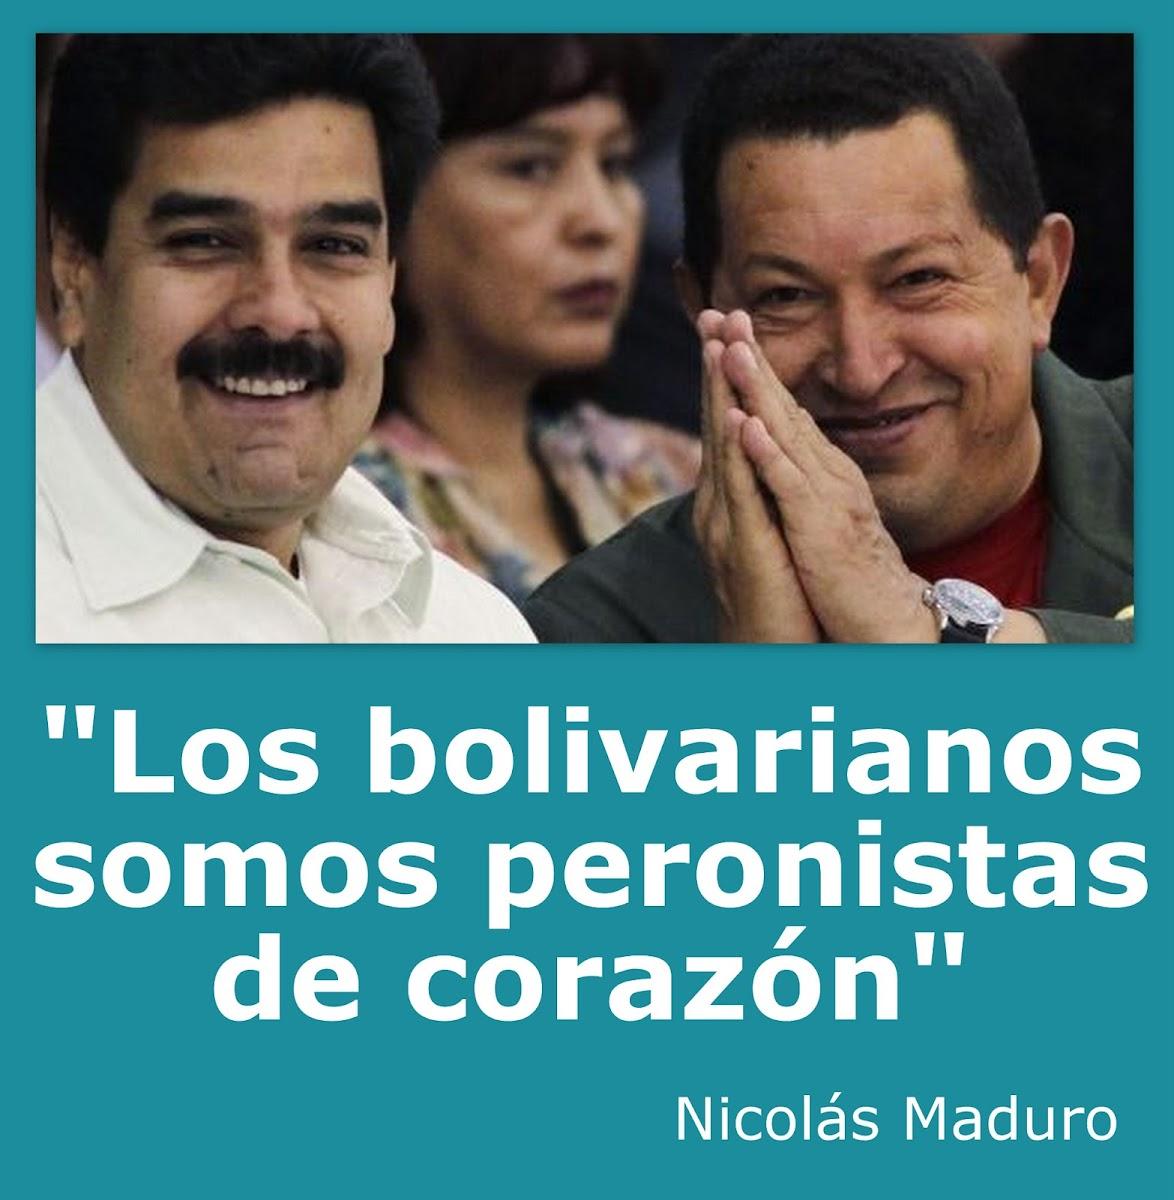 http://1.bp.blogspot.com/-aCujtvPX1ec/UPjUf_XZTfI/AAAAAAAASlg/tbRevQ5EGQA/s1200/EL+COMANDANTE+HUGO+CHAVEZ+y+NICOLAS+MADURO.jpg